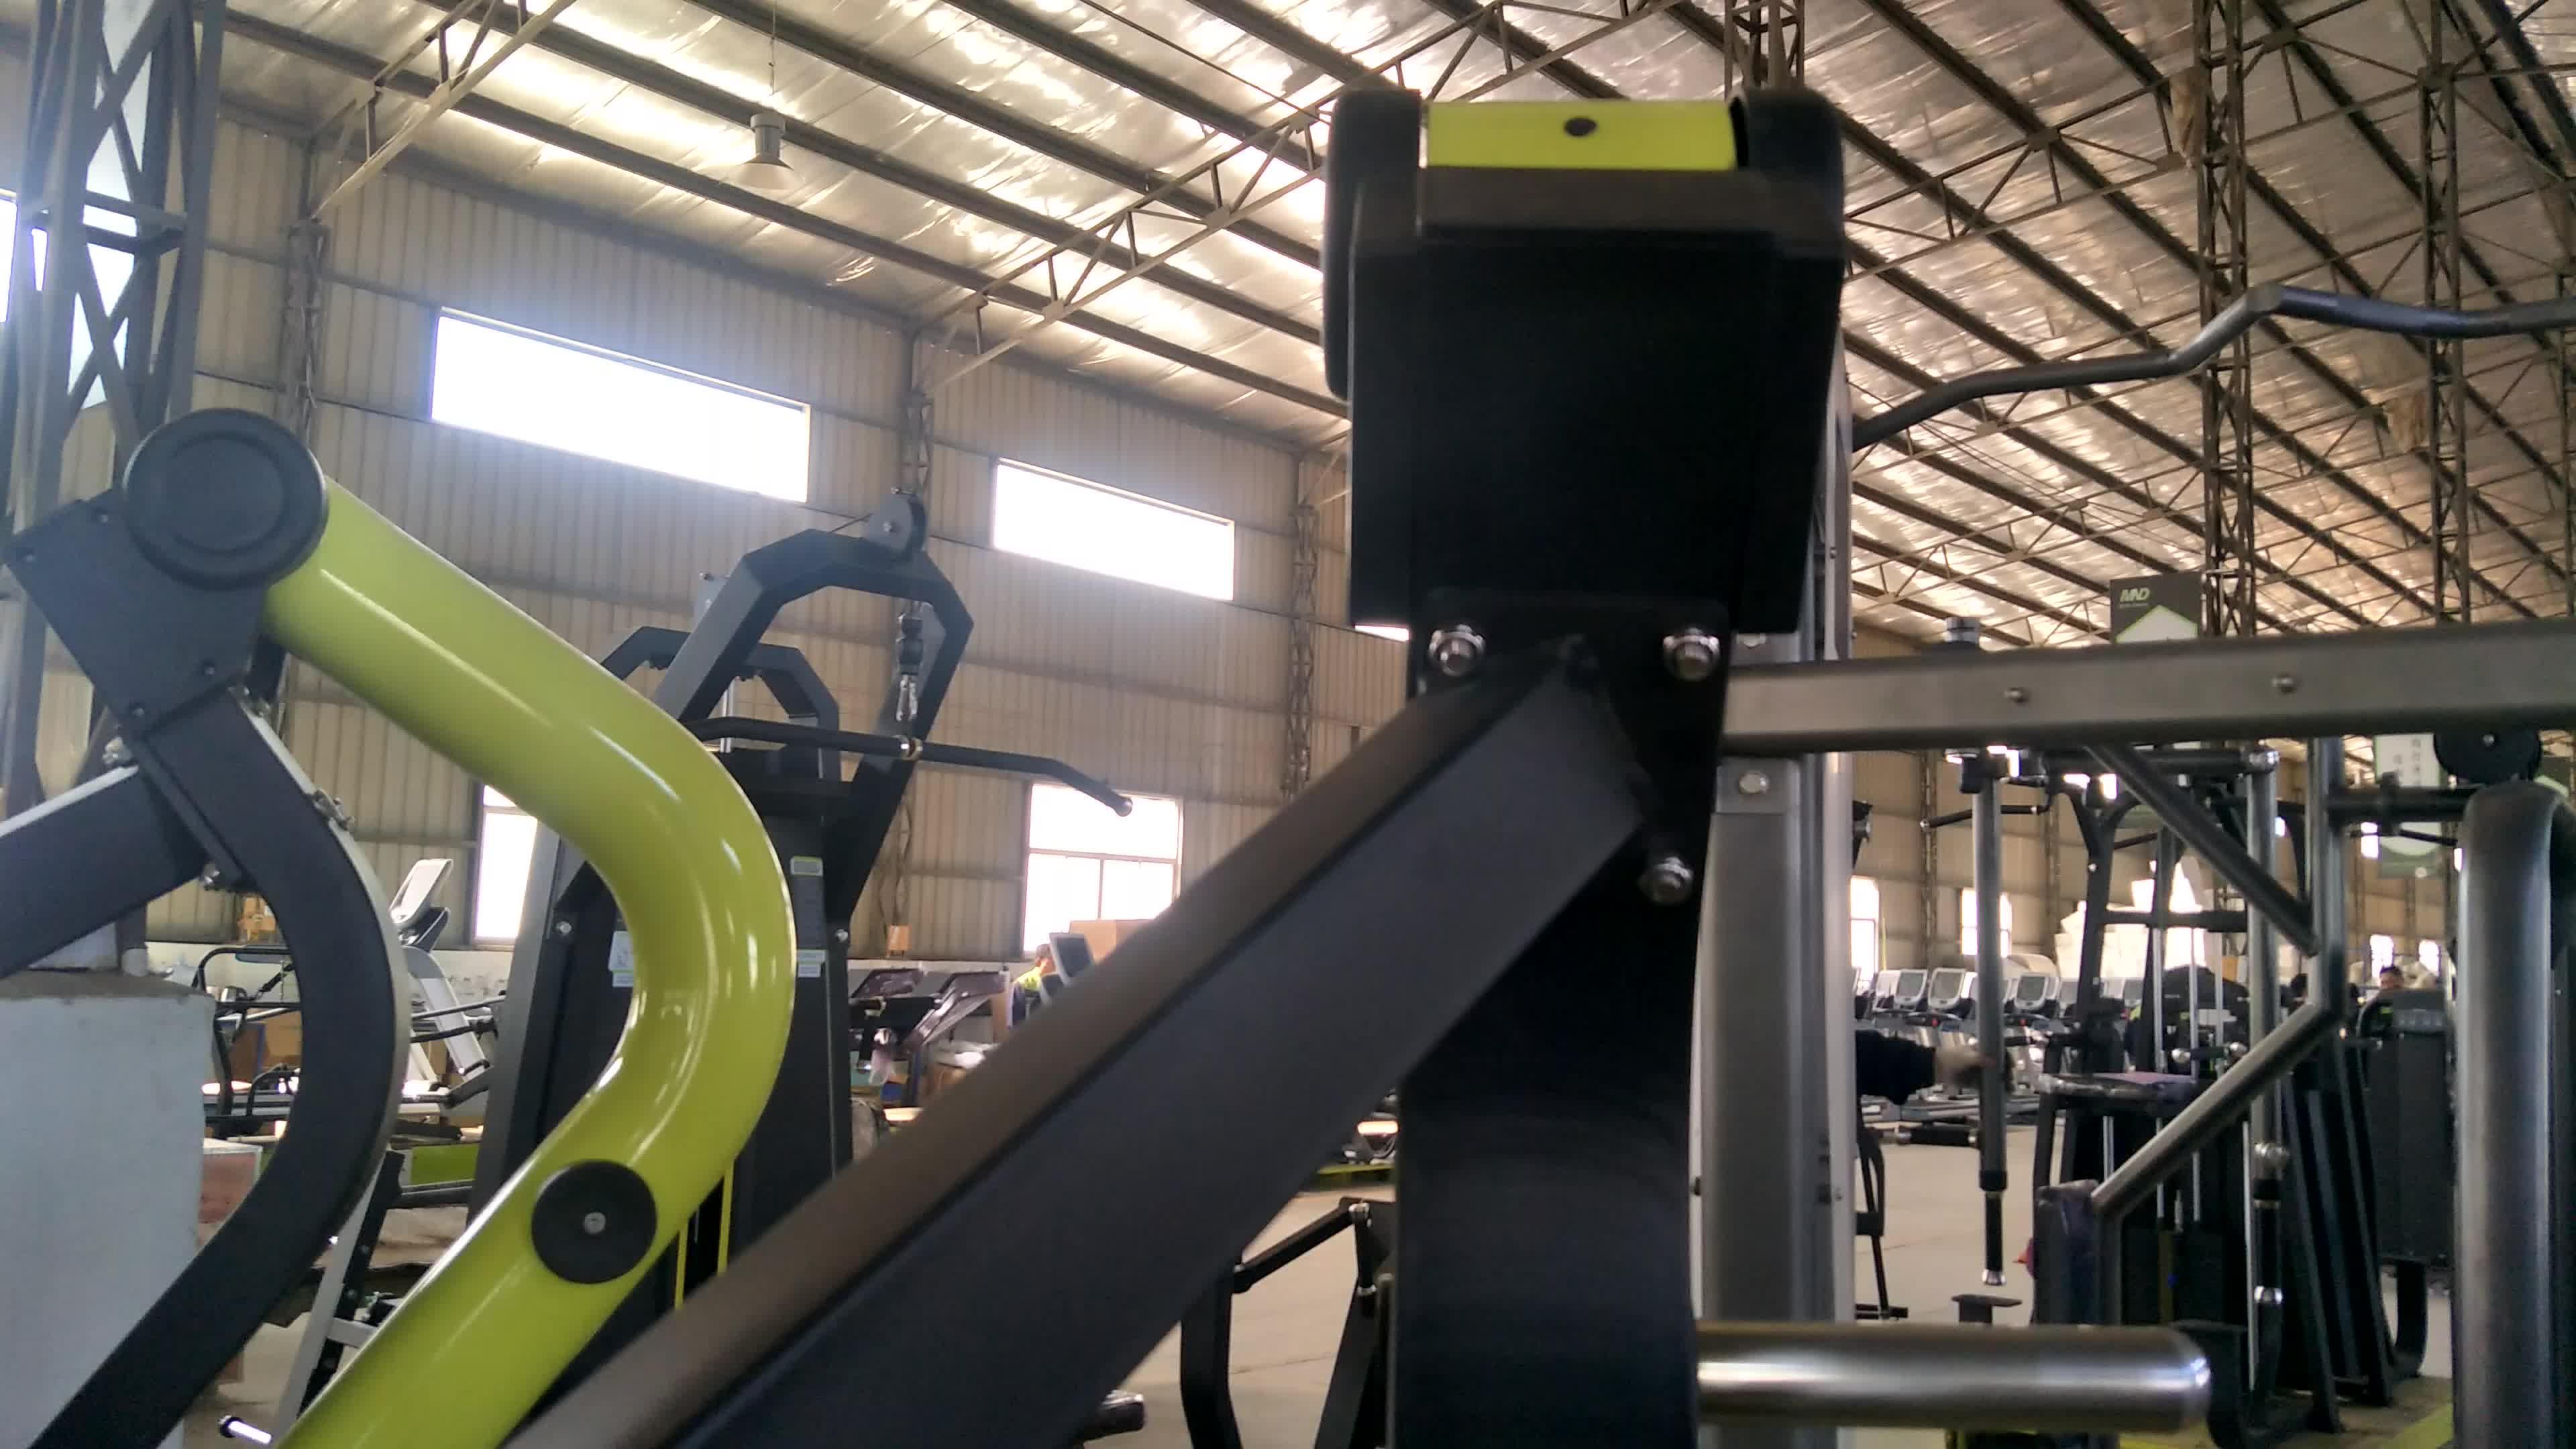 Hotsale Ginásio Comercial Máquina de Largura de Imprensa No Peito Equipamento de Fitness Popular